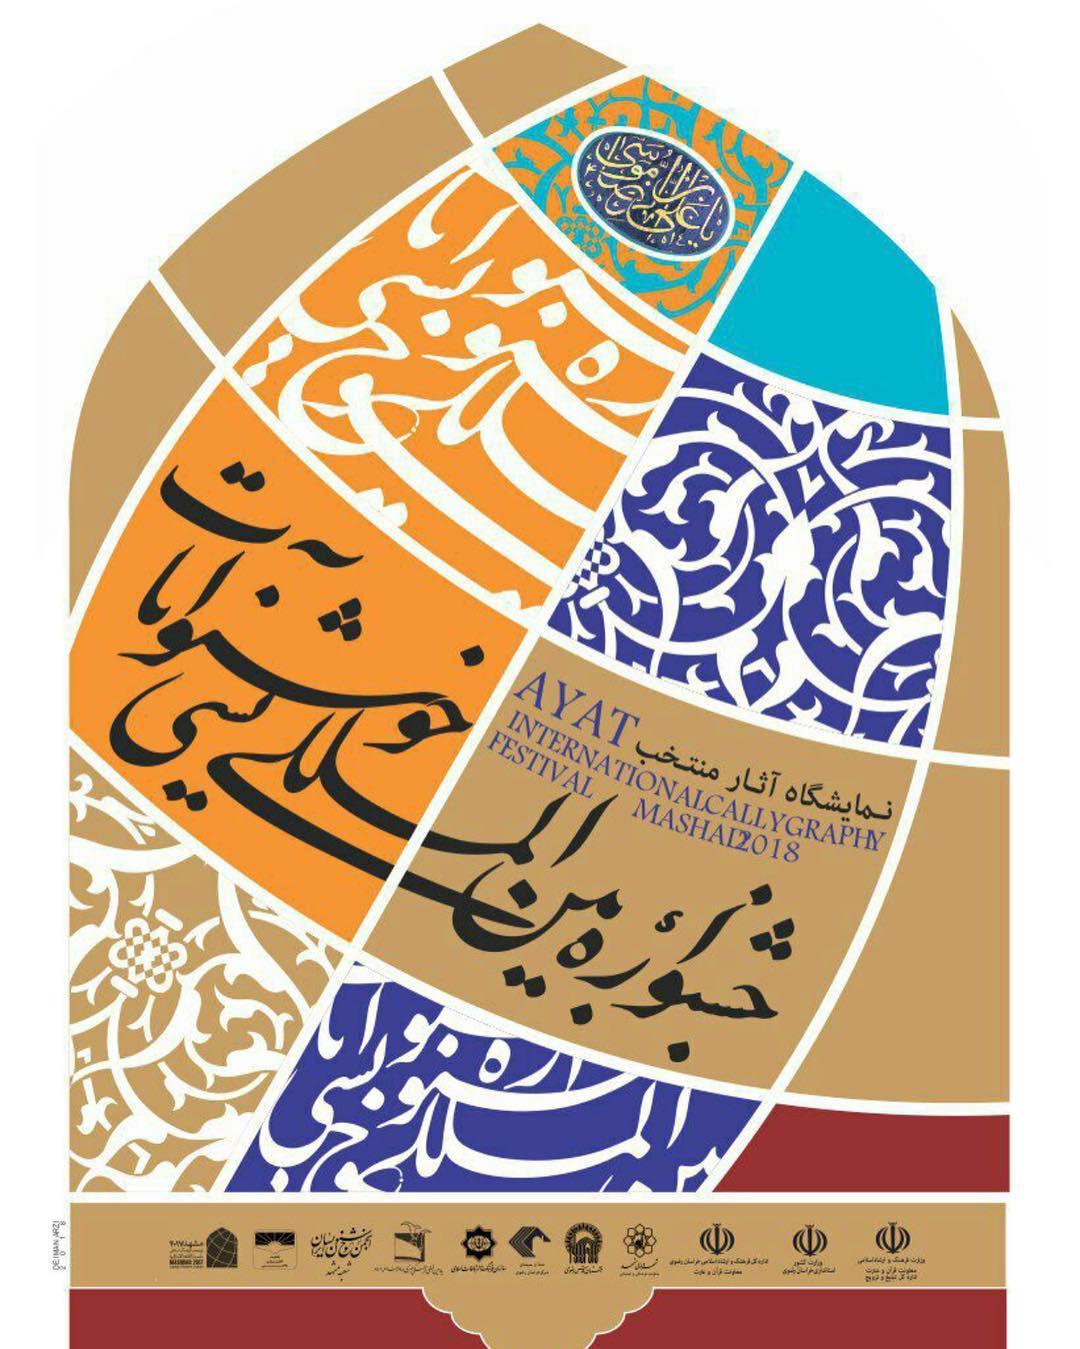 Khat Diwani Ajhalawani/Amr الحمد لله وفقني الله بالمركز الاول في خط النسخ  في المسابقة الدولية – ايران ……. 532